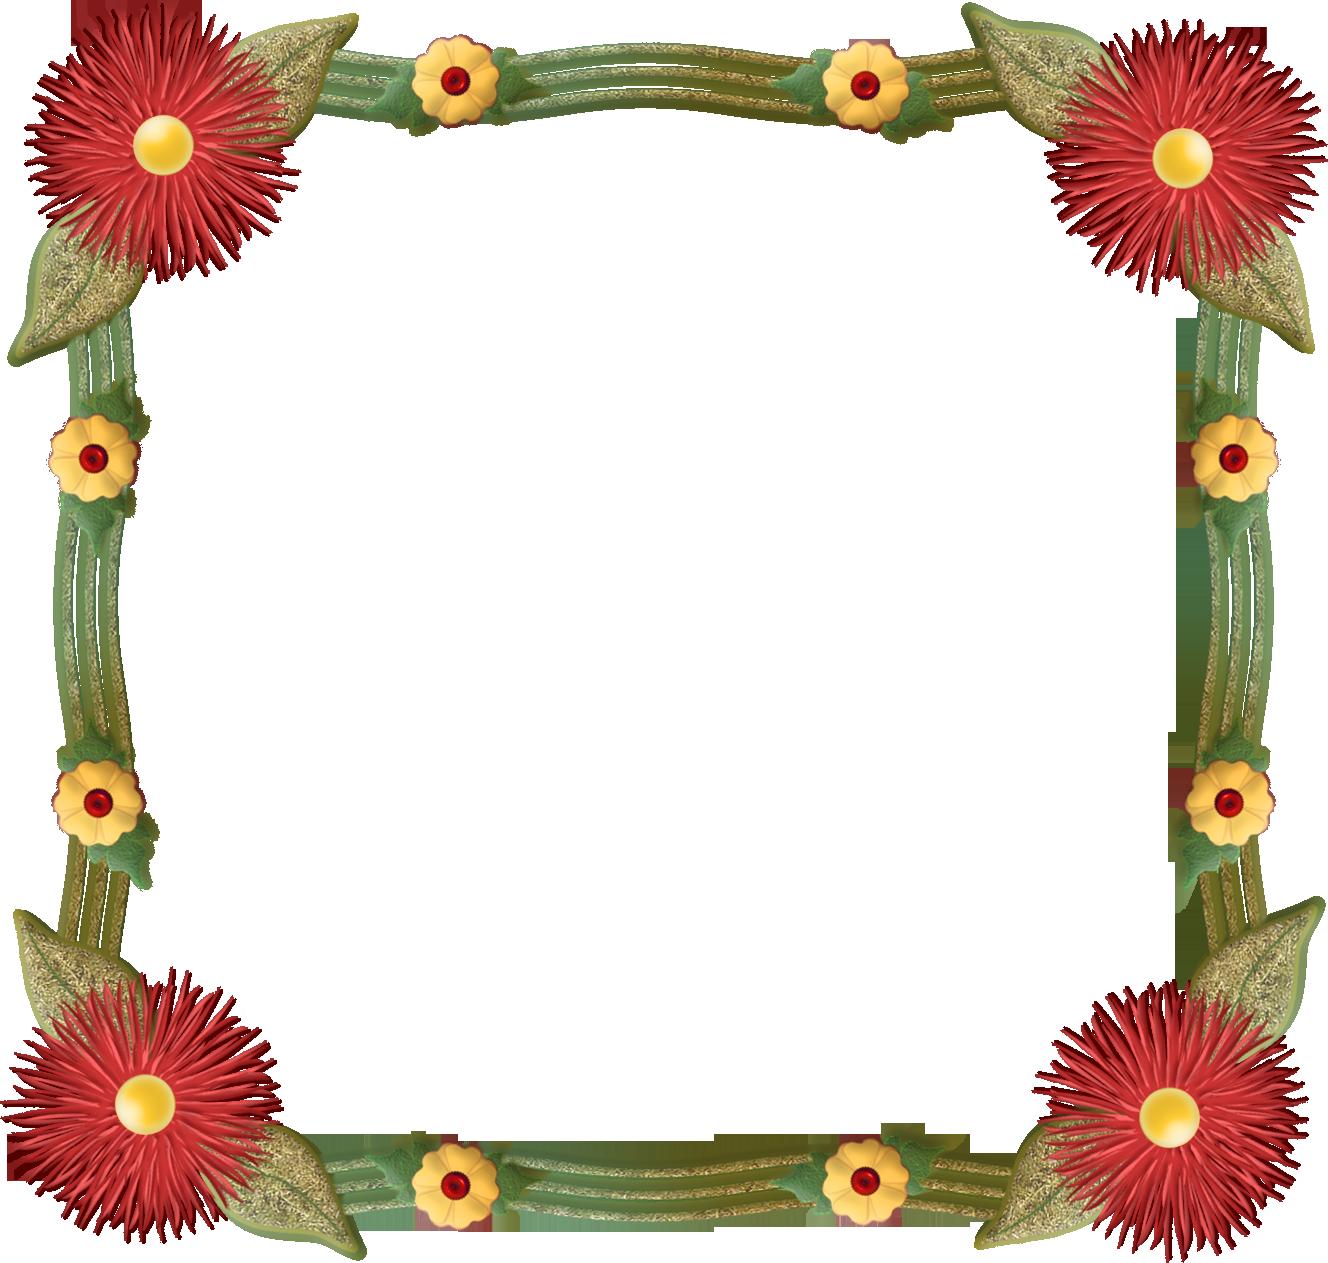 Floral frame photo